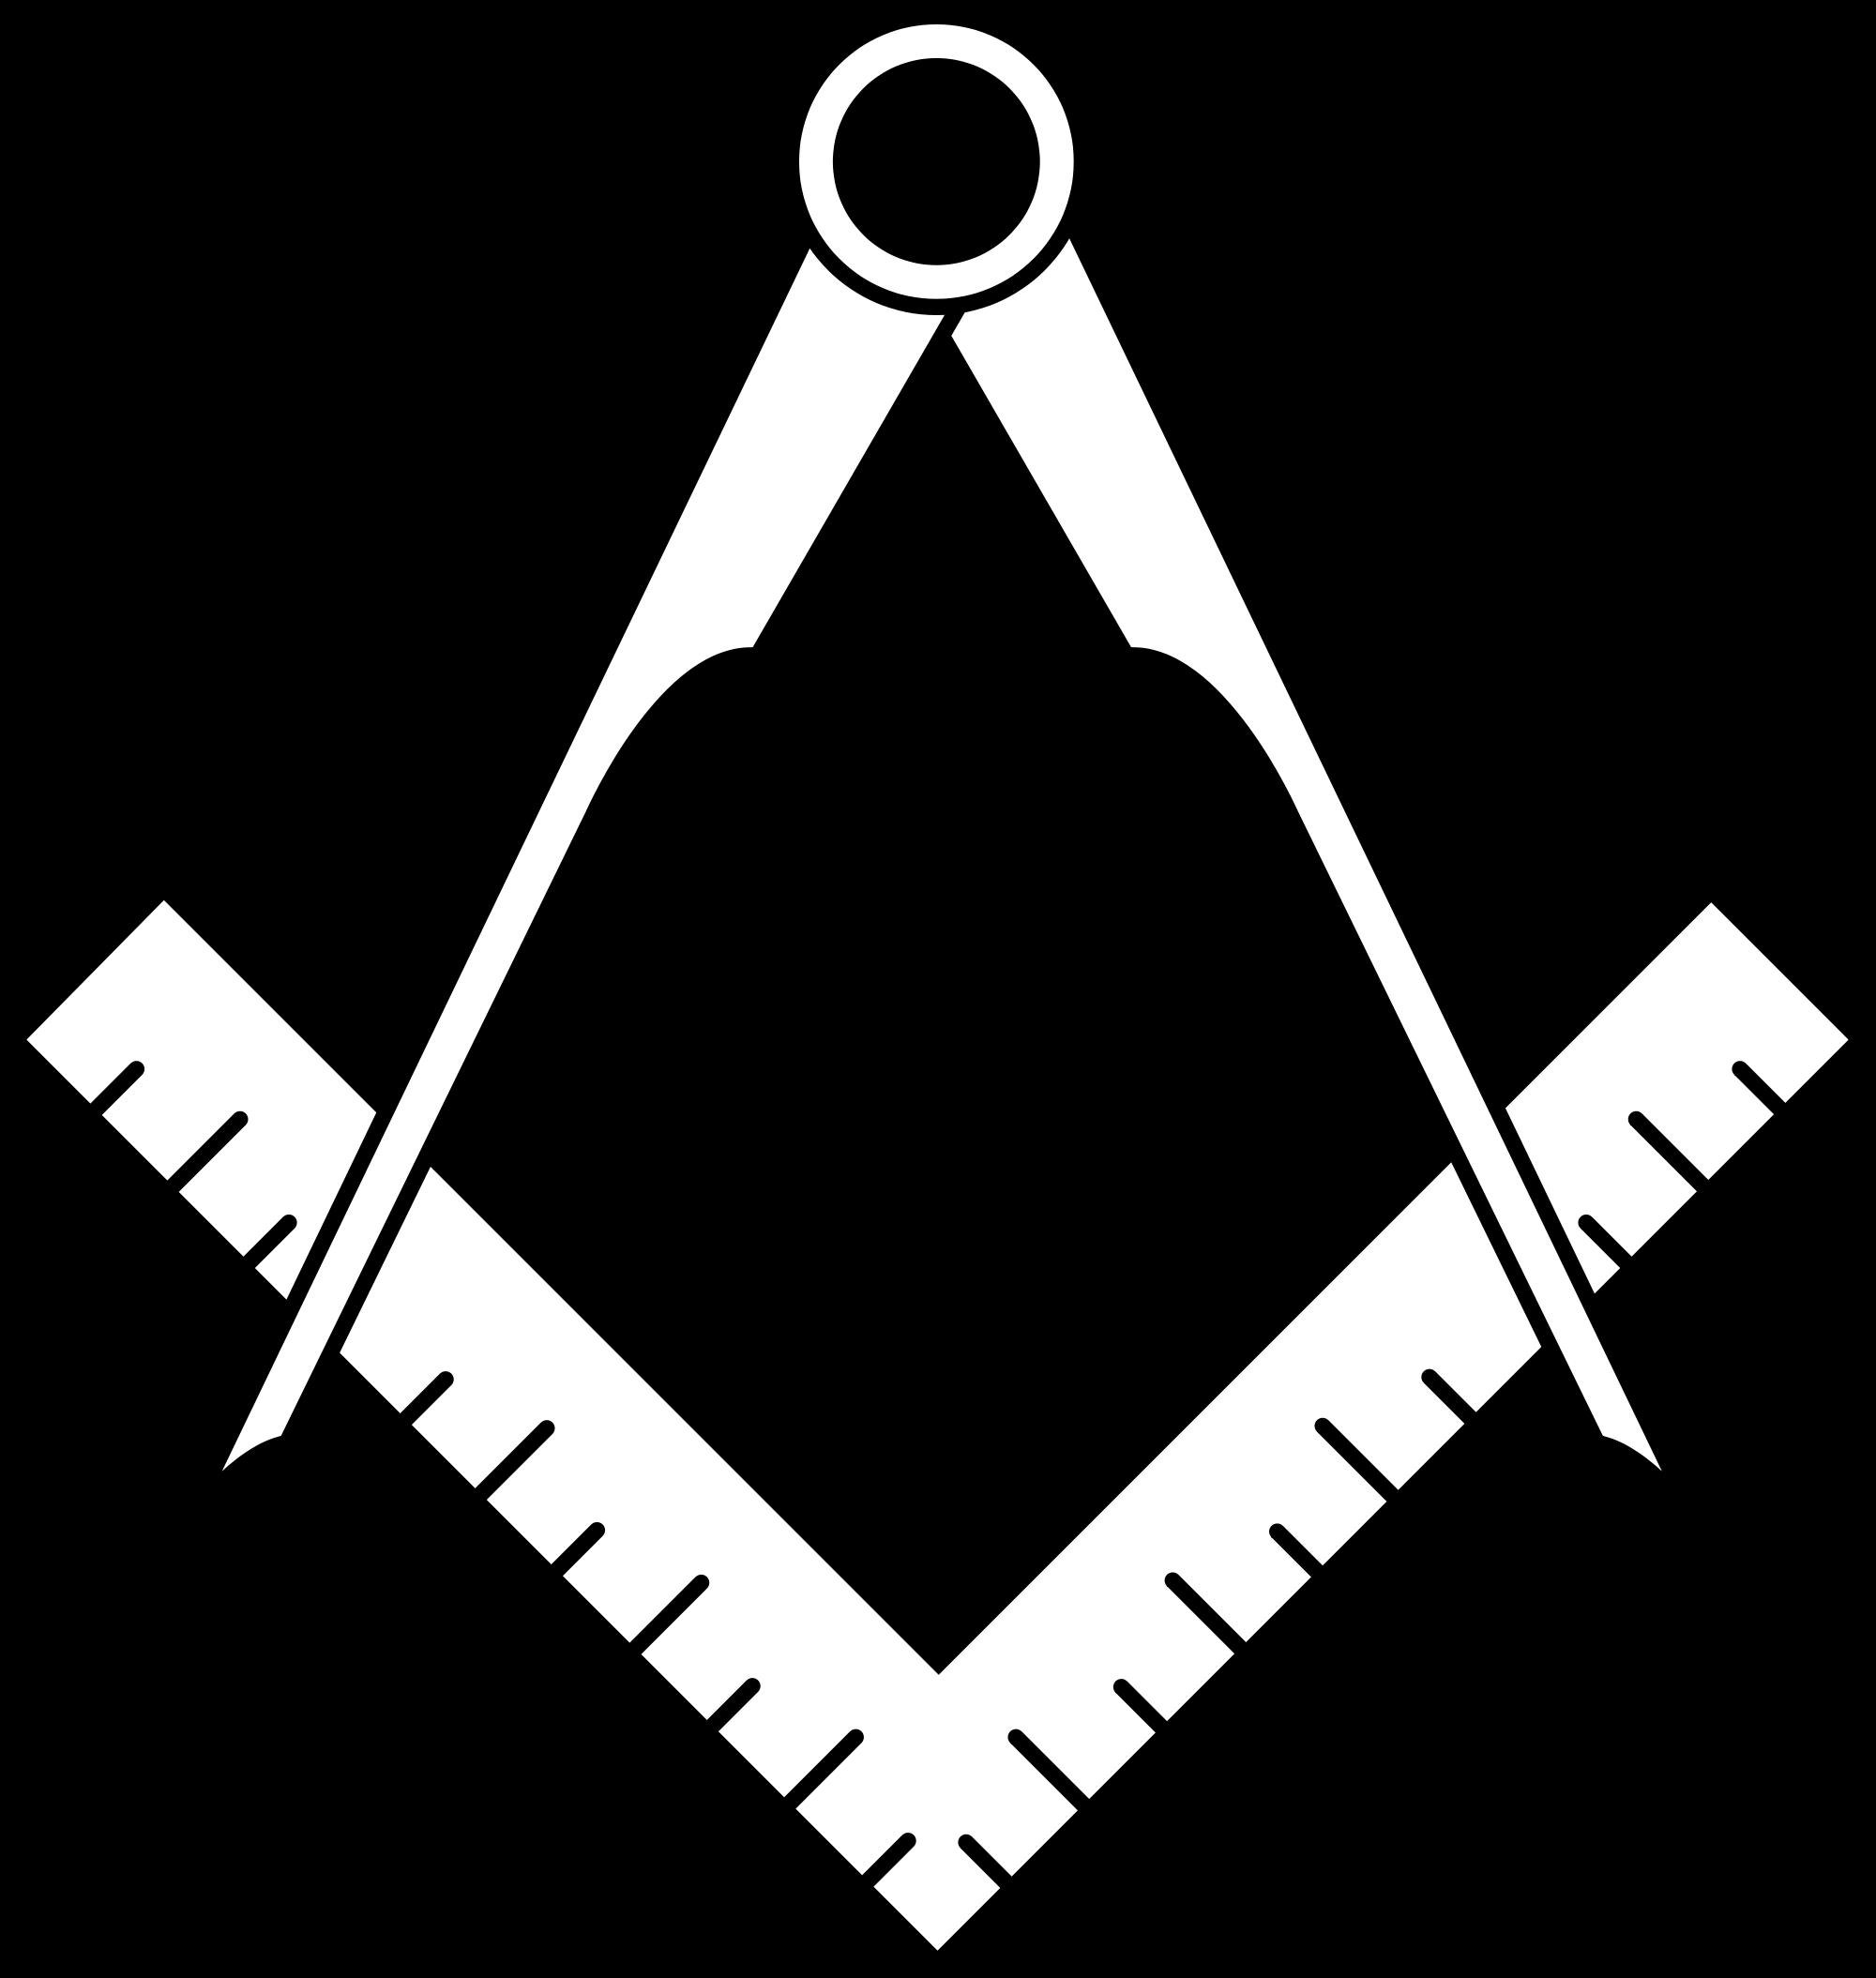 Freemasonry wikipedia the free. Column clipart masonic